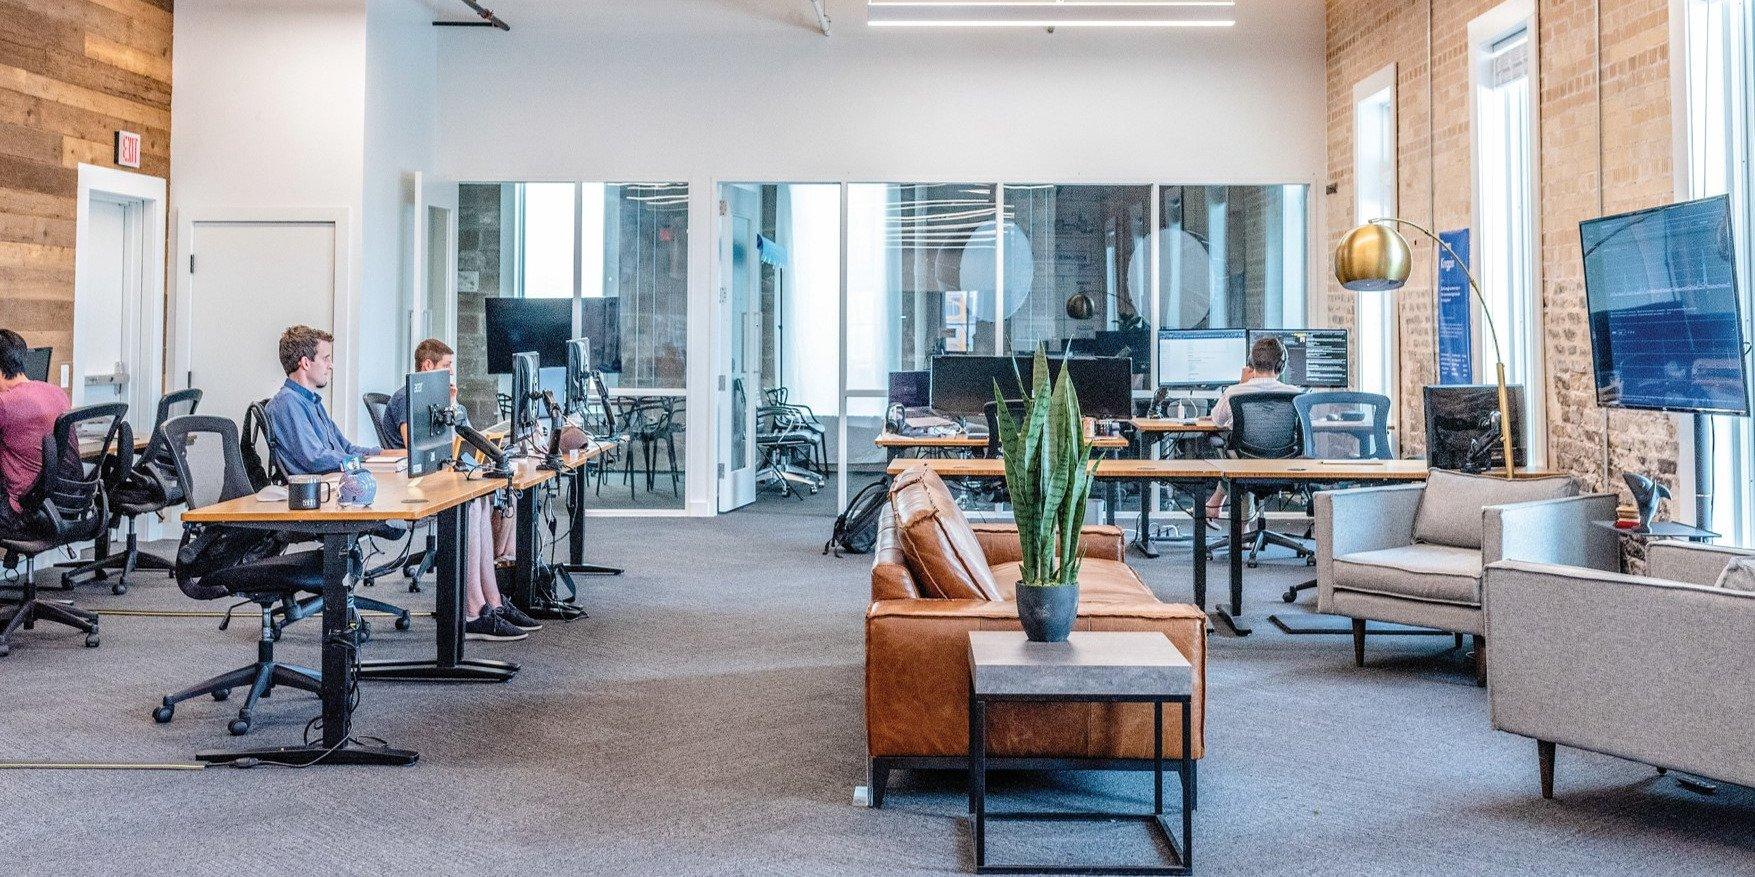 Developeři kancelářských budov v Praze změnili termíny – plány na výstavbu zatím nikoliv